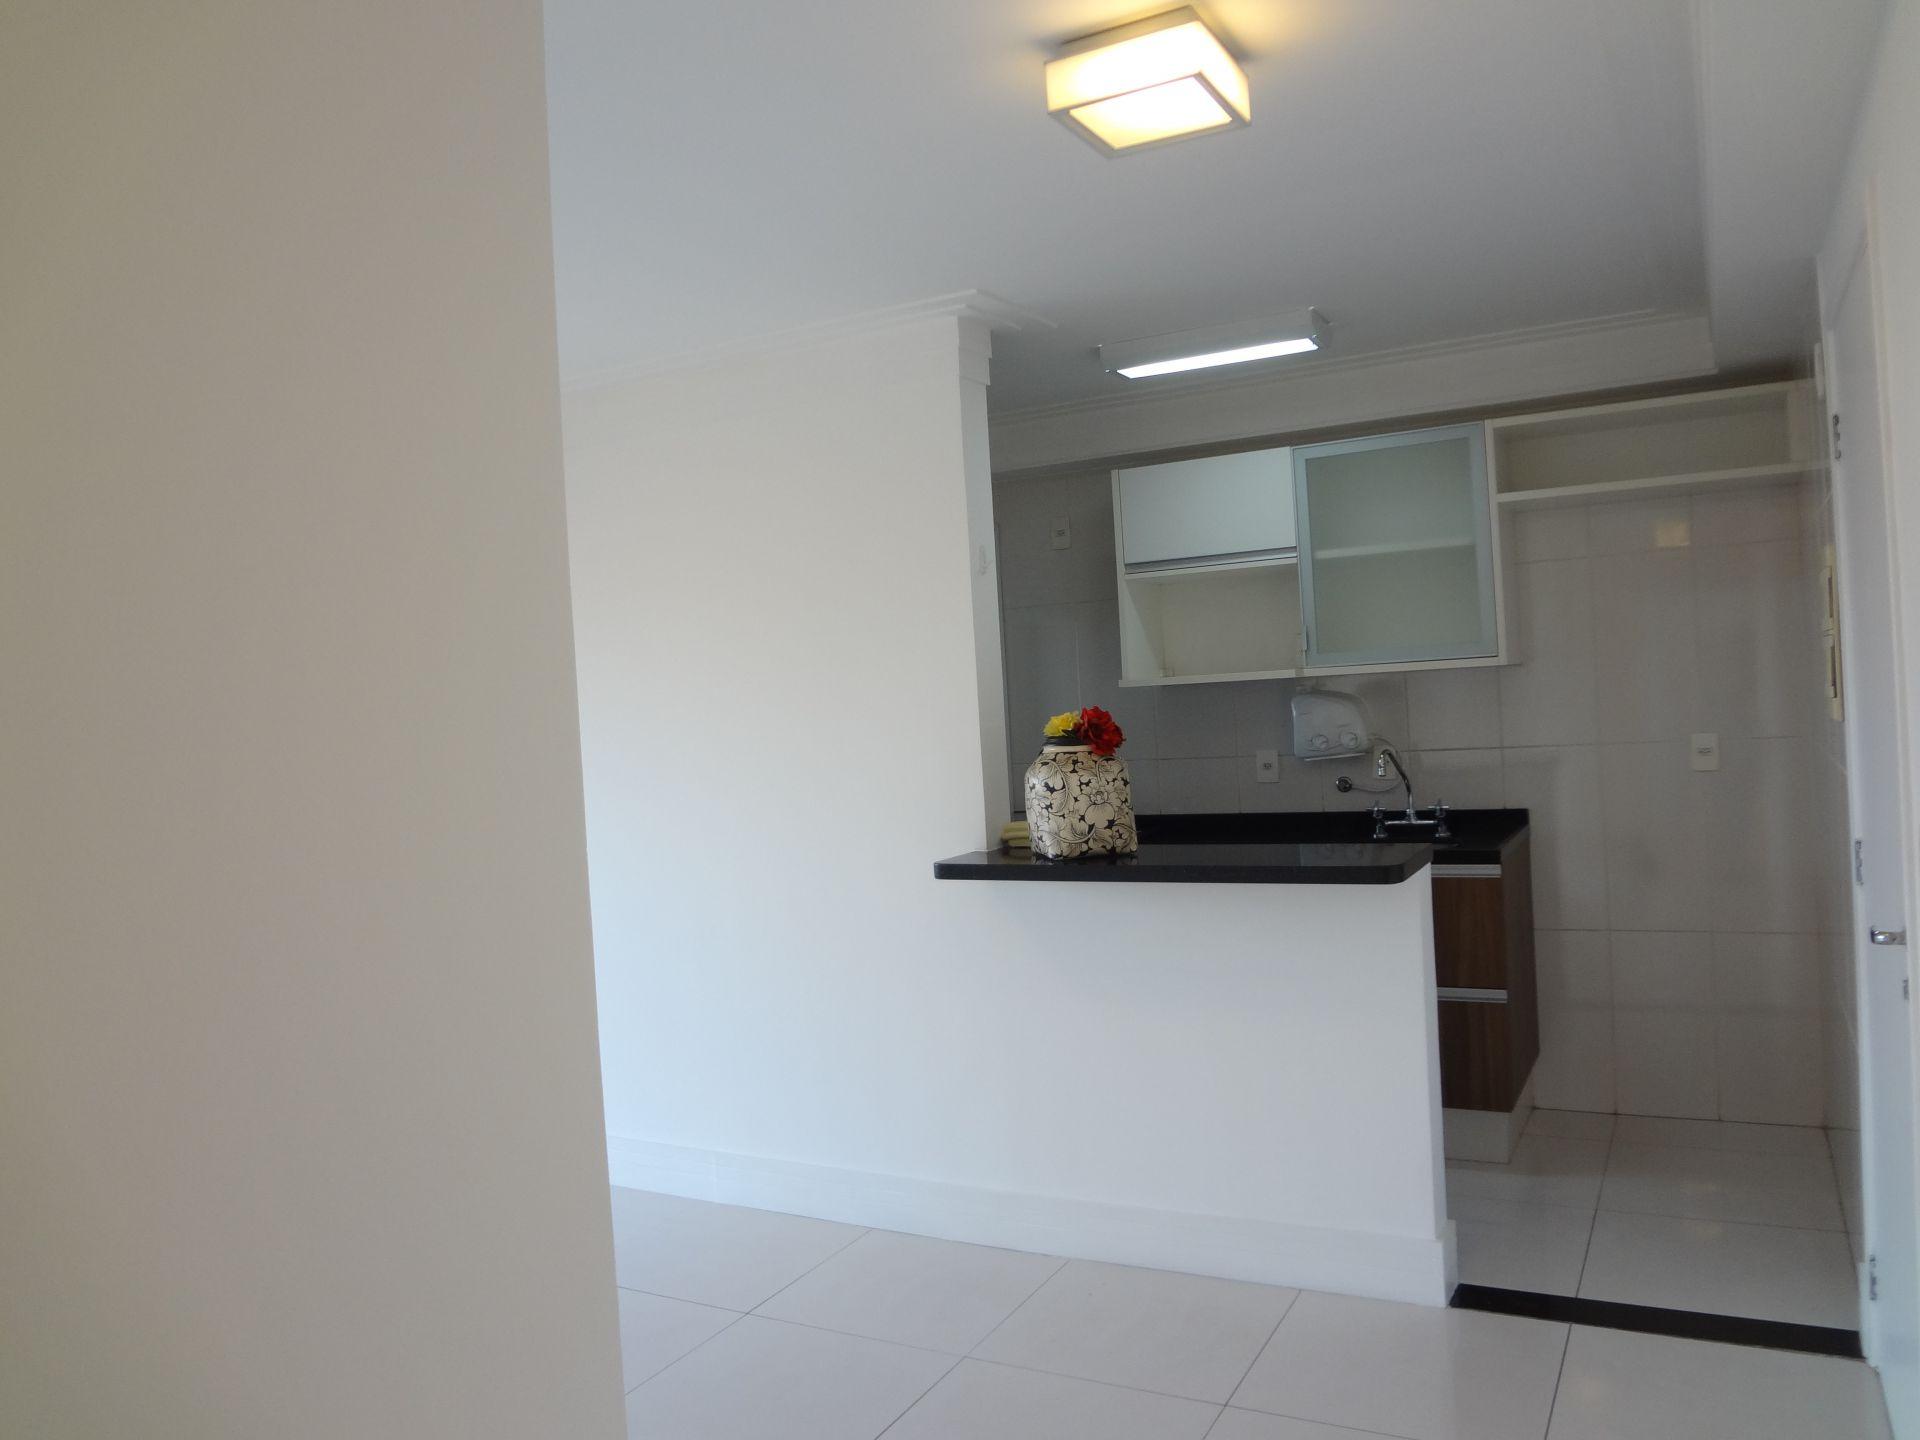 Apartamento Barra Funda,São Paulo,SP Para Alugar,2 Quartos,55m² - LOCACAO0017 - 11